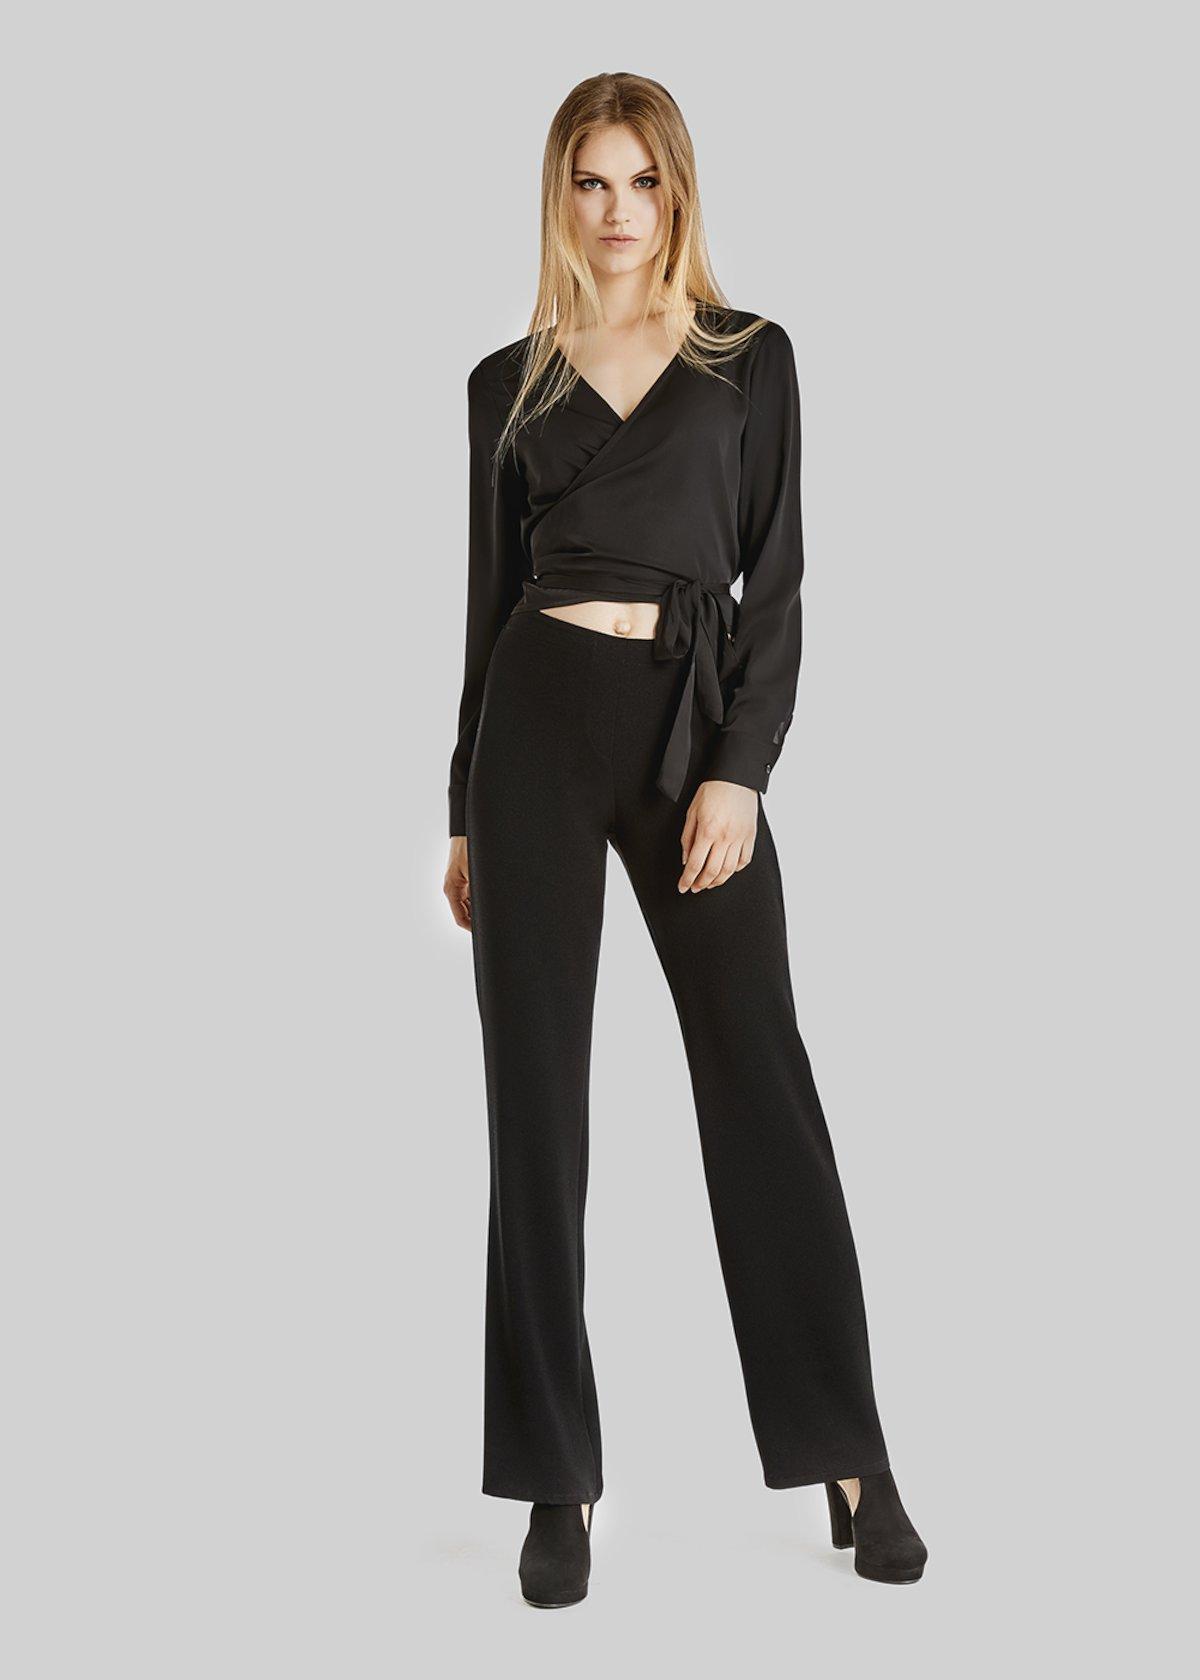 Stefania kimono model t-shirt - Black